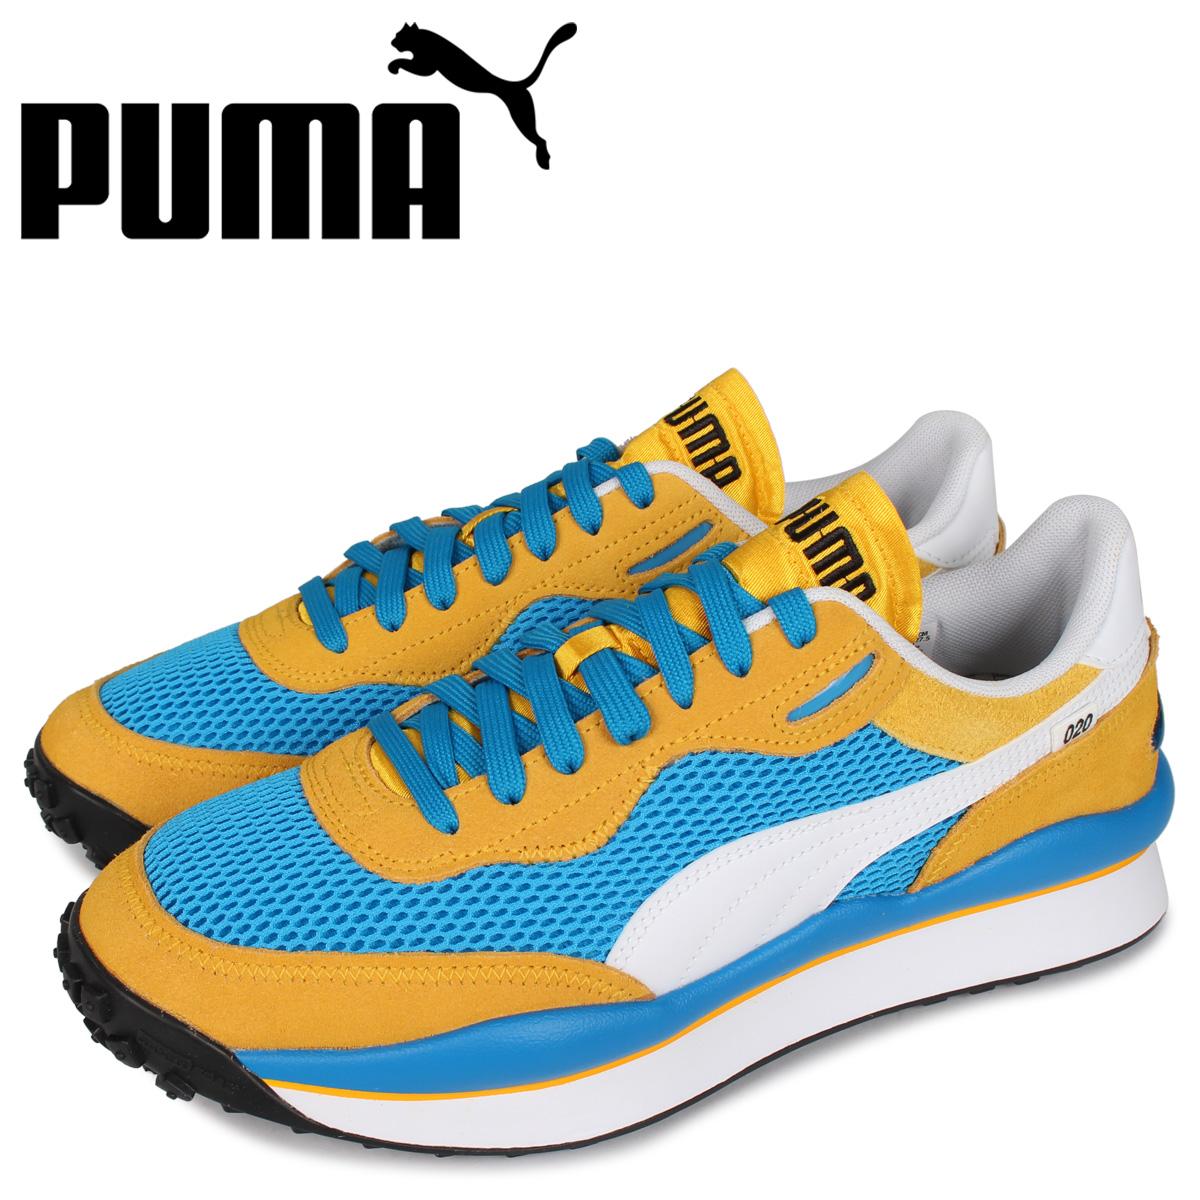 PUMA プーマ スタイル ライダー スニーカー メンズ STYLE RIDER STREAM ON ブルー 37152703 [5/20 追加入荷]